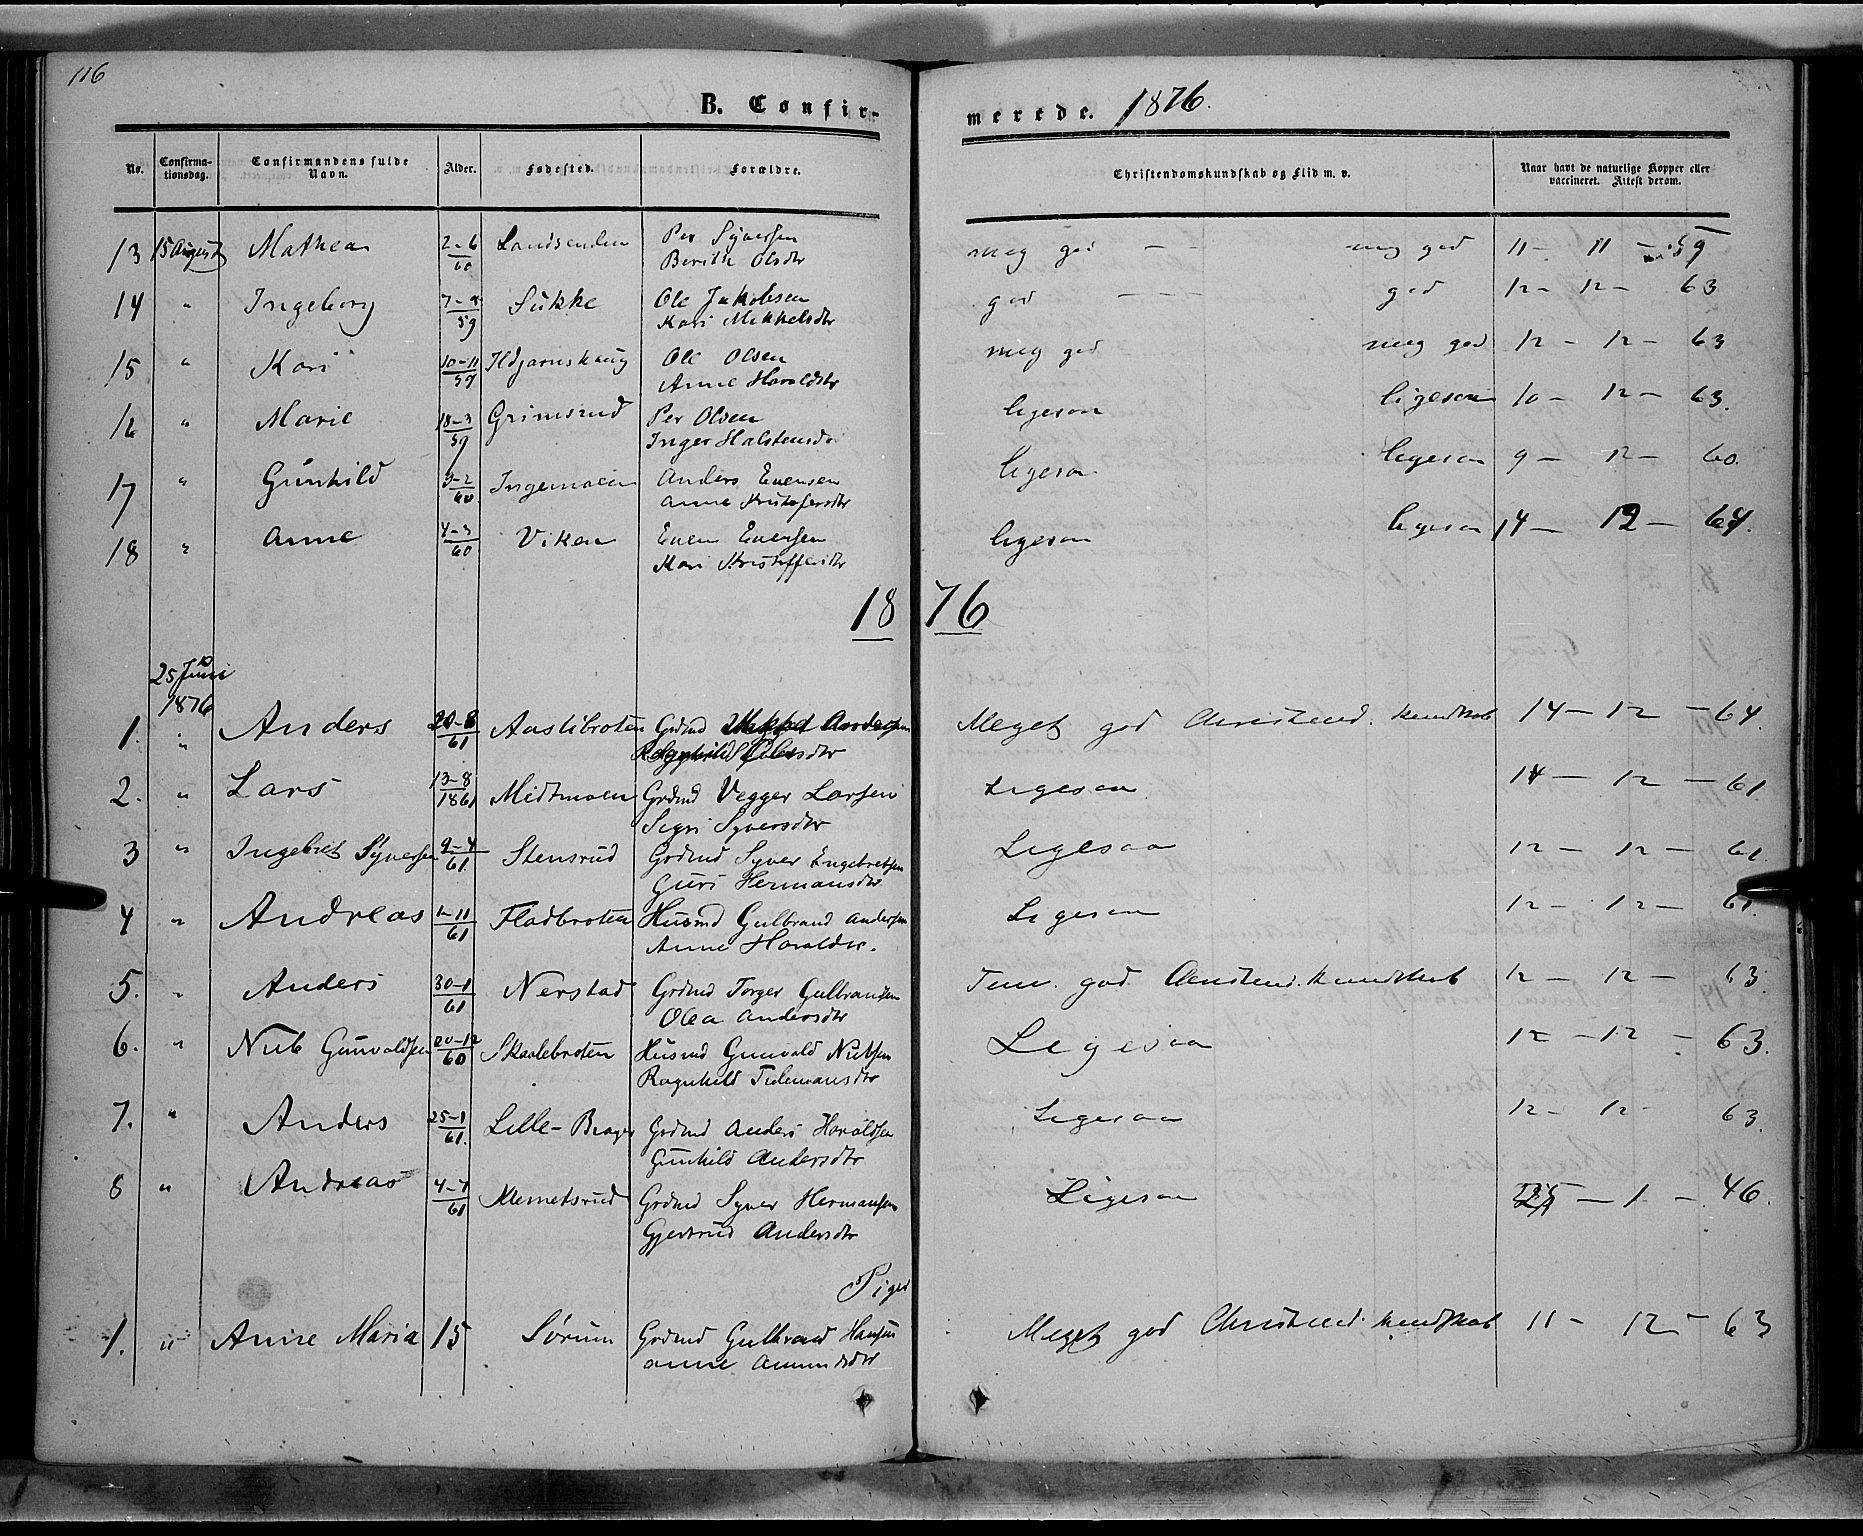 SAH, Sør-Aurdal prestekontor, Ministerialbok nr. 7, 1849-1876, s. 116